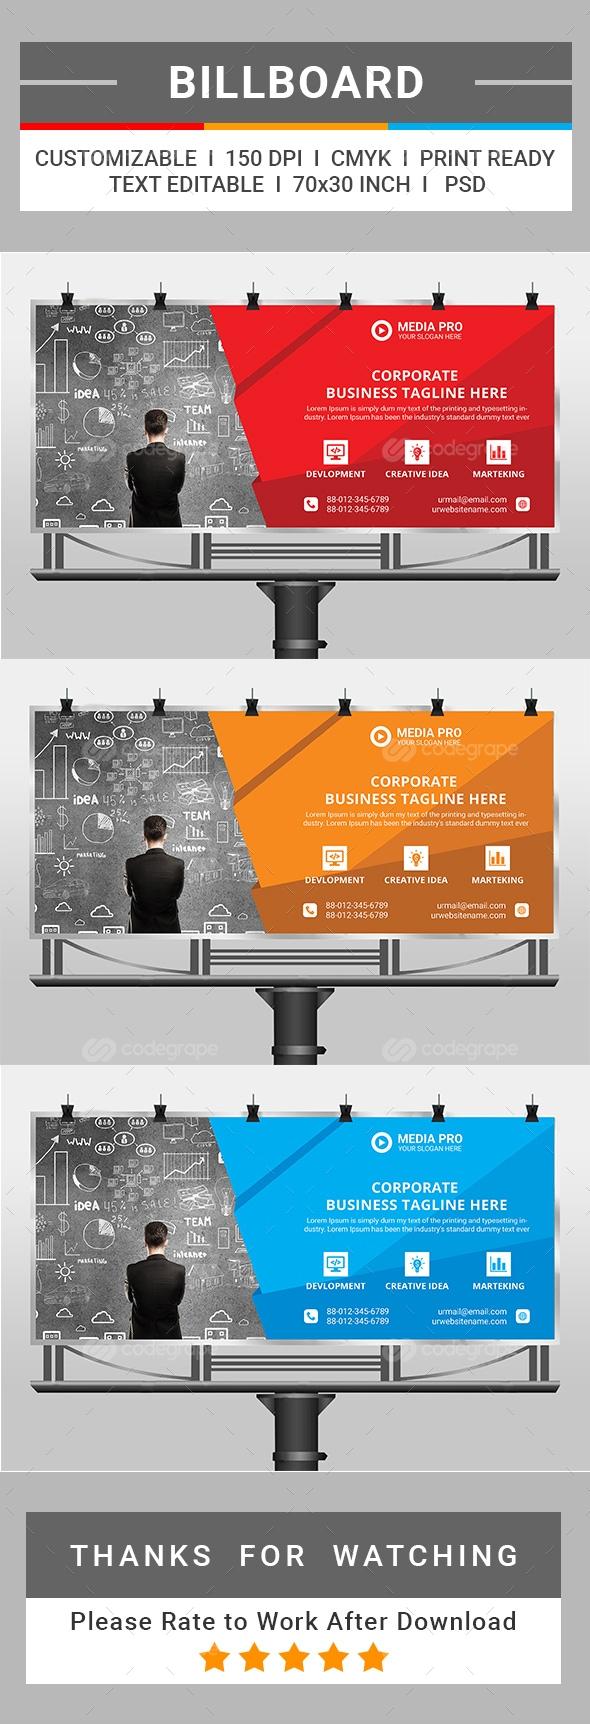 Corporate Billboard